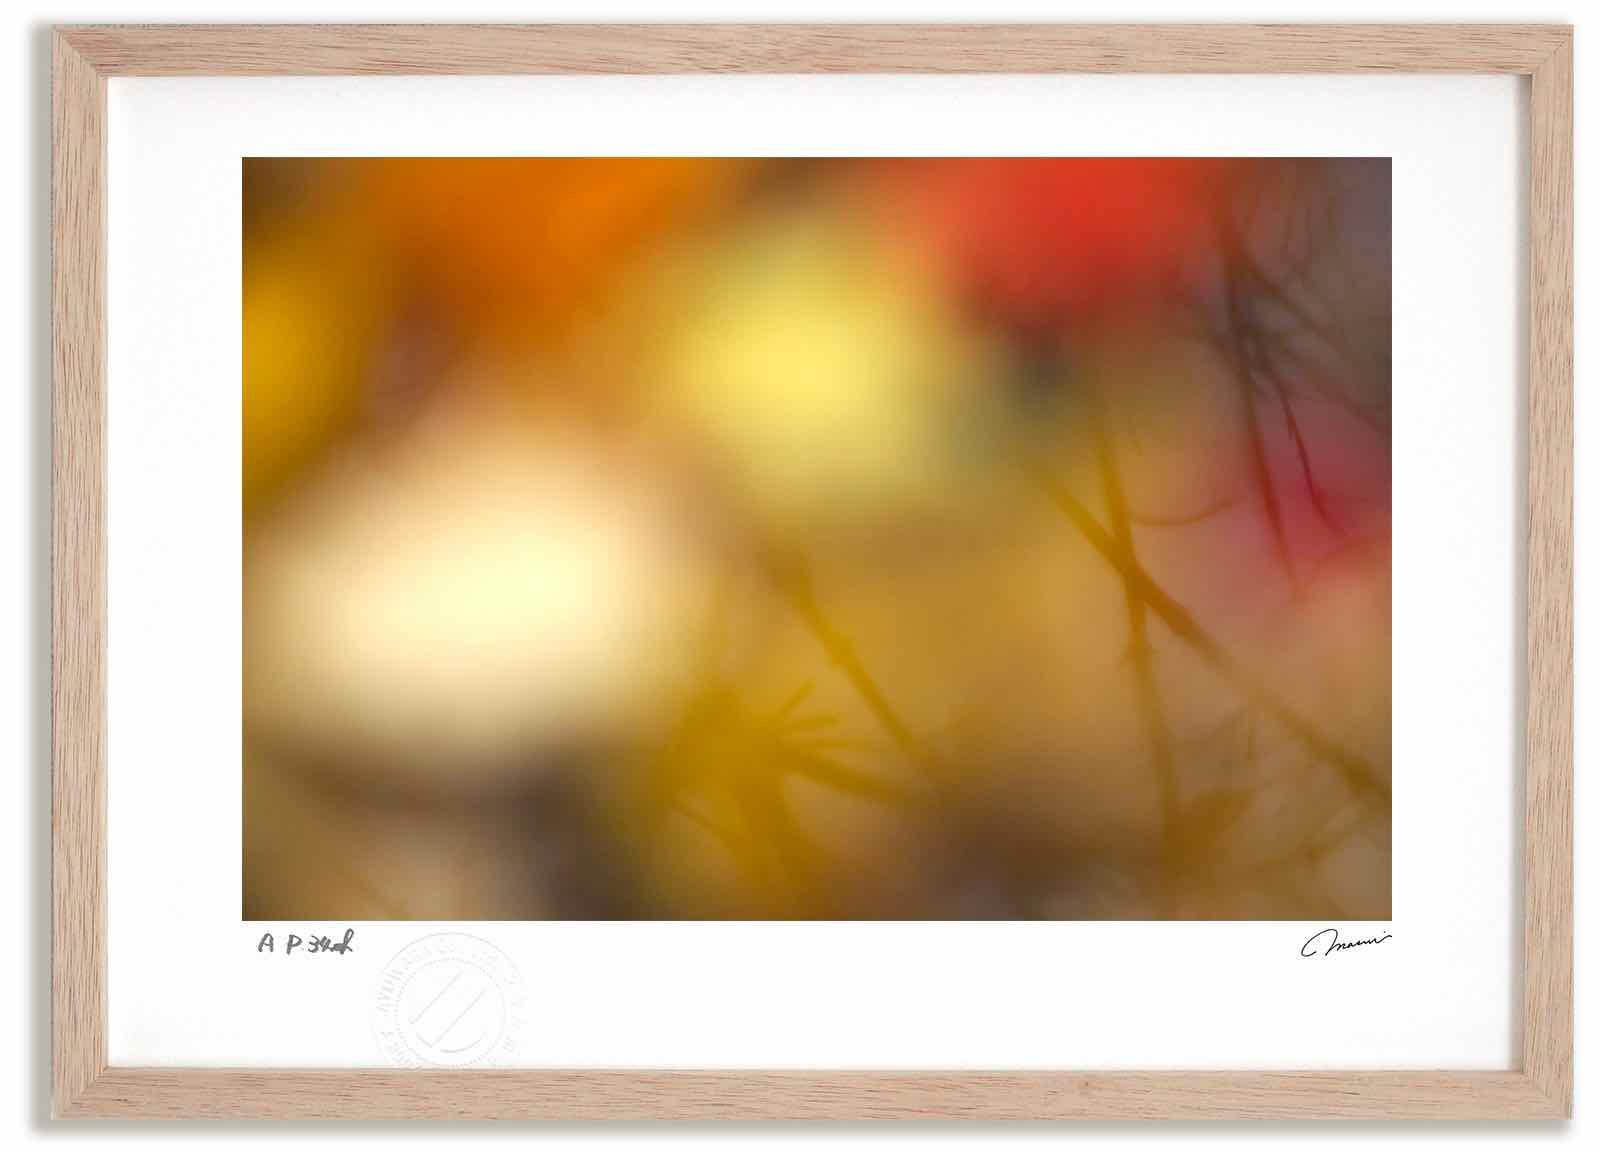 アートフォト 絵画 壁掛け 水面に映る紅葉 高橋真澄/インテリア 壁掛け 額入り 額装込 風景画 油絵 ポスター アート アートパネル リビング 玄関 プレゼント モダン アートフレーム おしゃれ 飾る Mサイズ